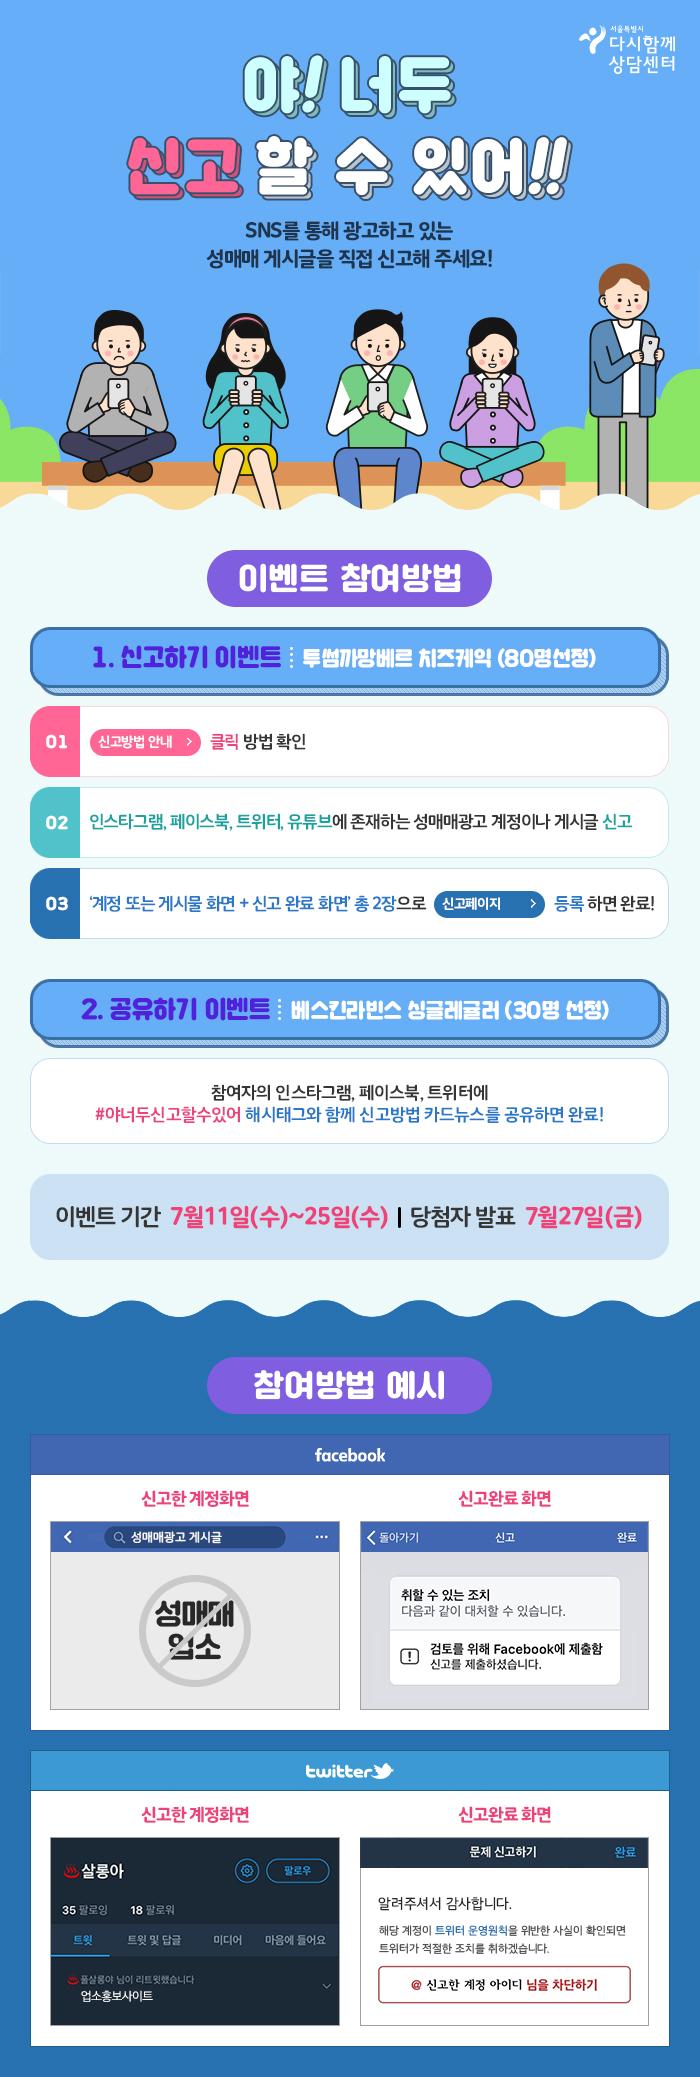 [서울시 다시함께상담센터] 야! 너두 신고할 수 있어!! 이벤트 (~7/25)